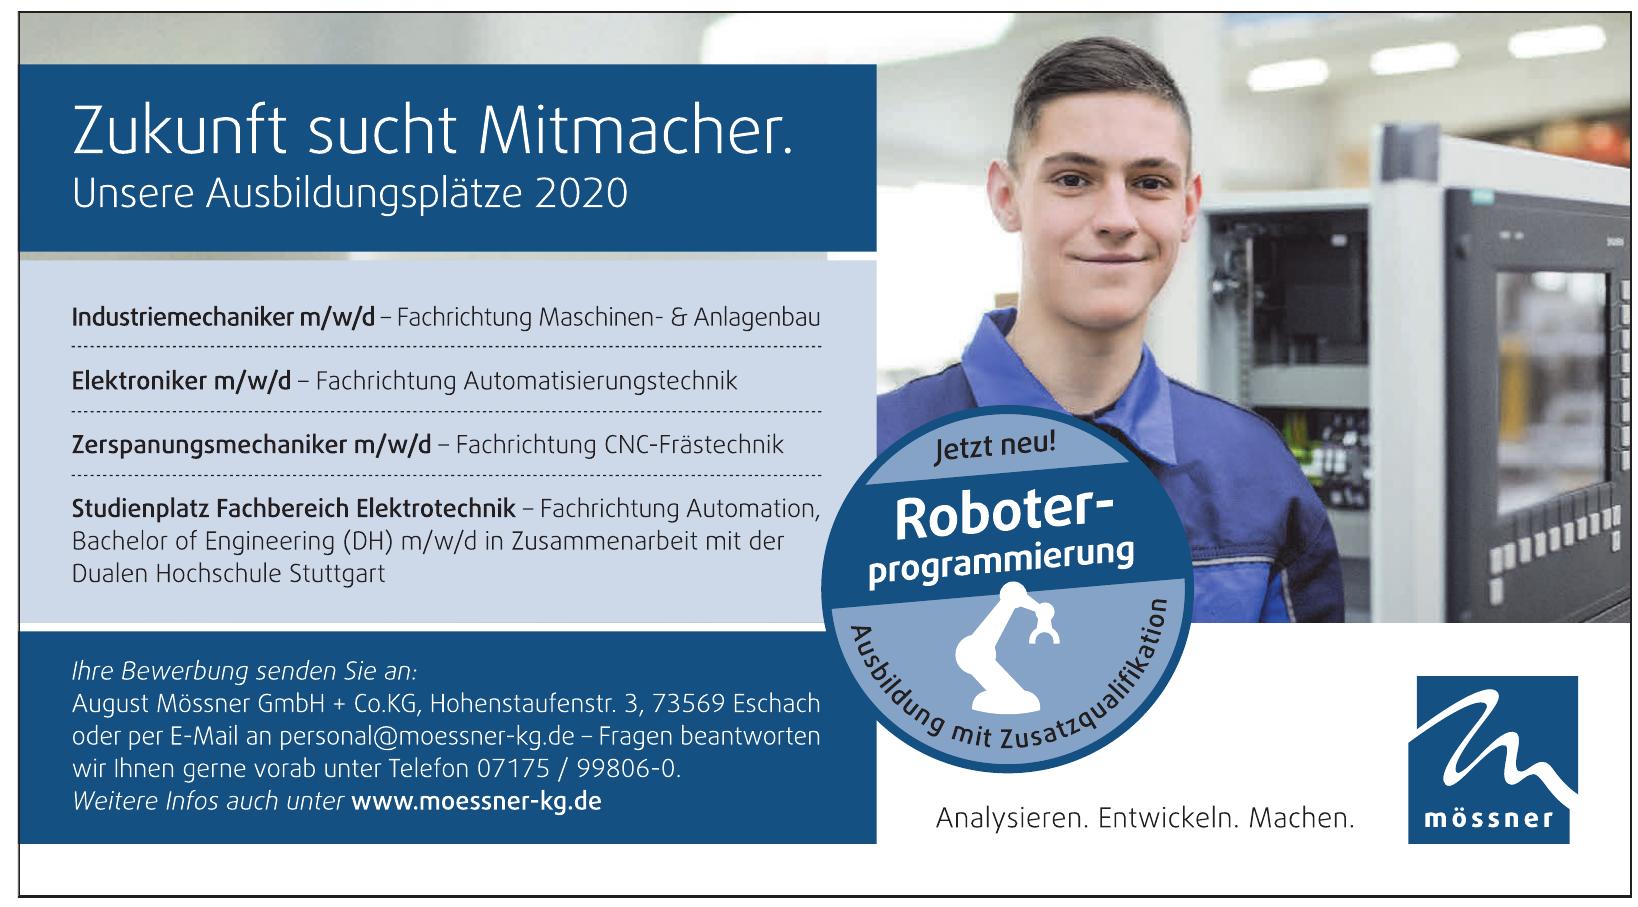 August Mössner GmbH + Co. KG